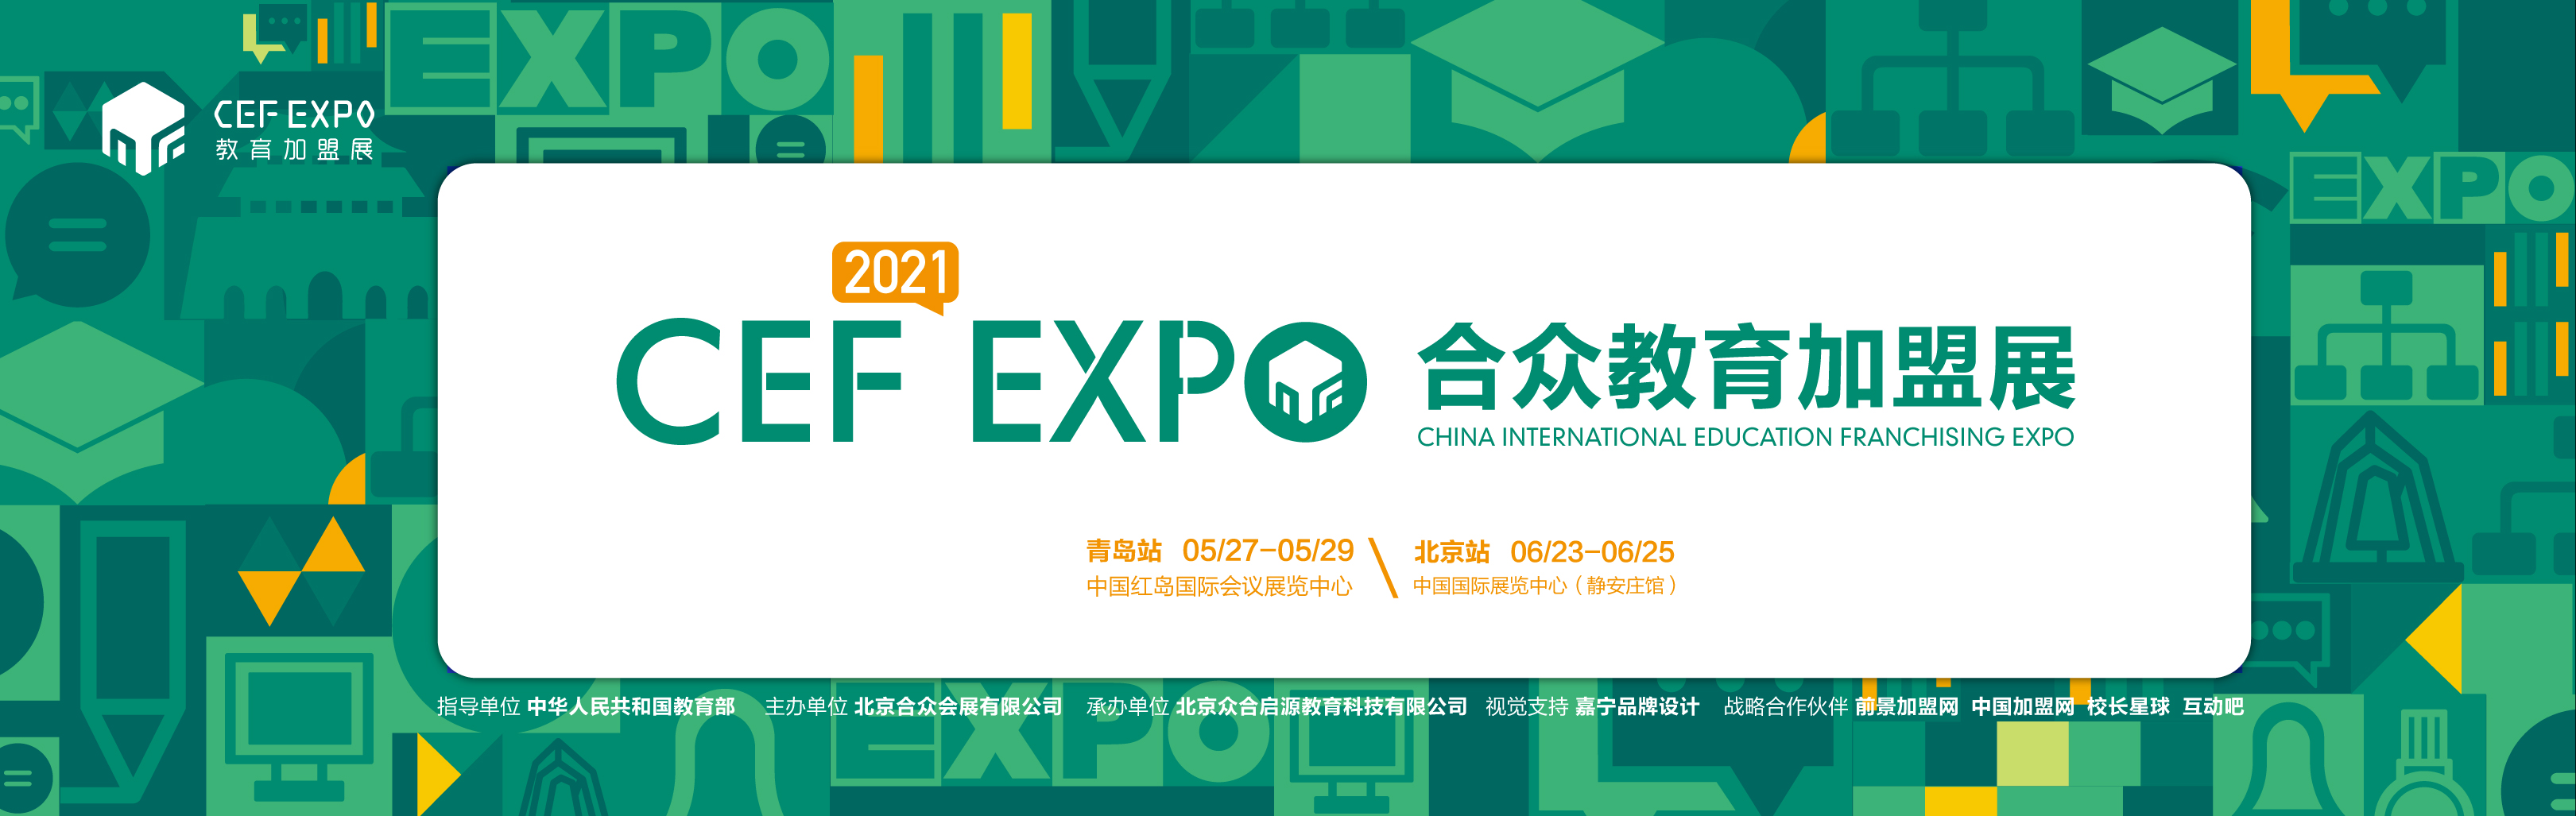 2021CEF第15届中国国际教育品牌连锁加盟博览会-北京站